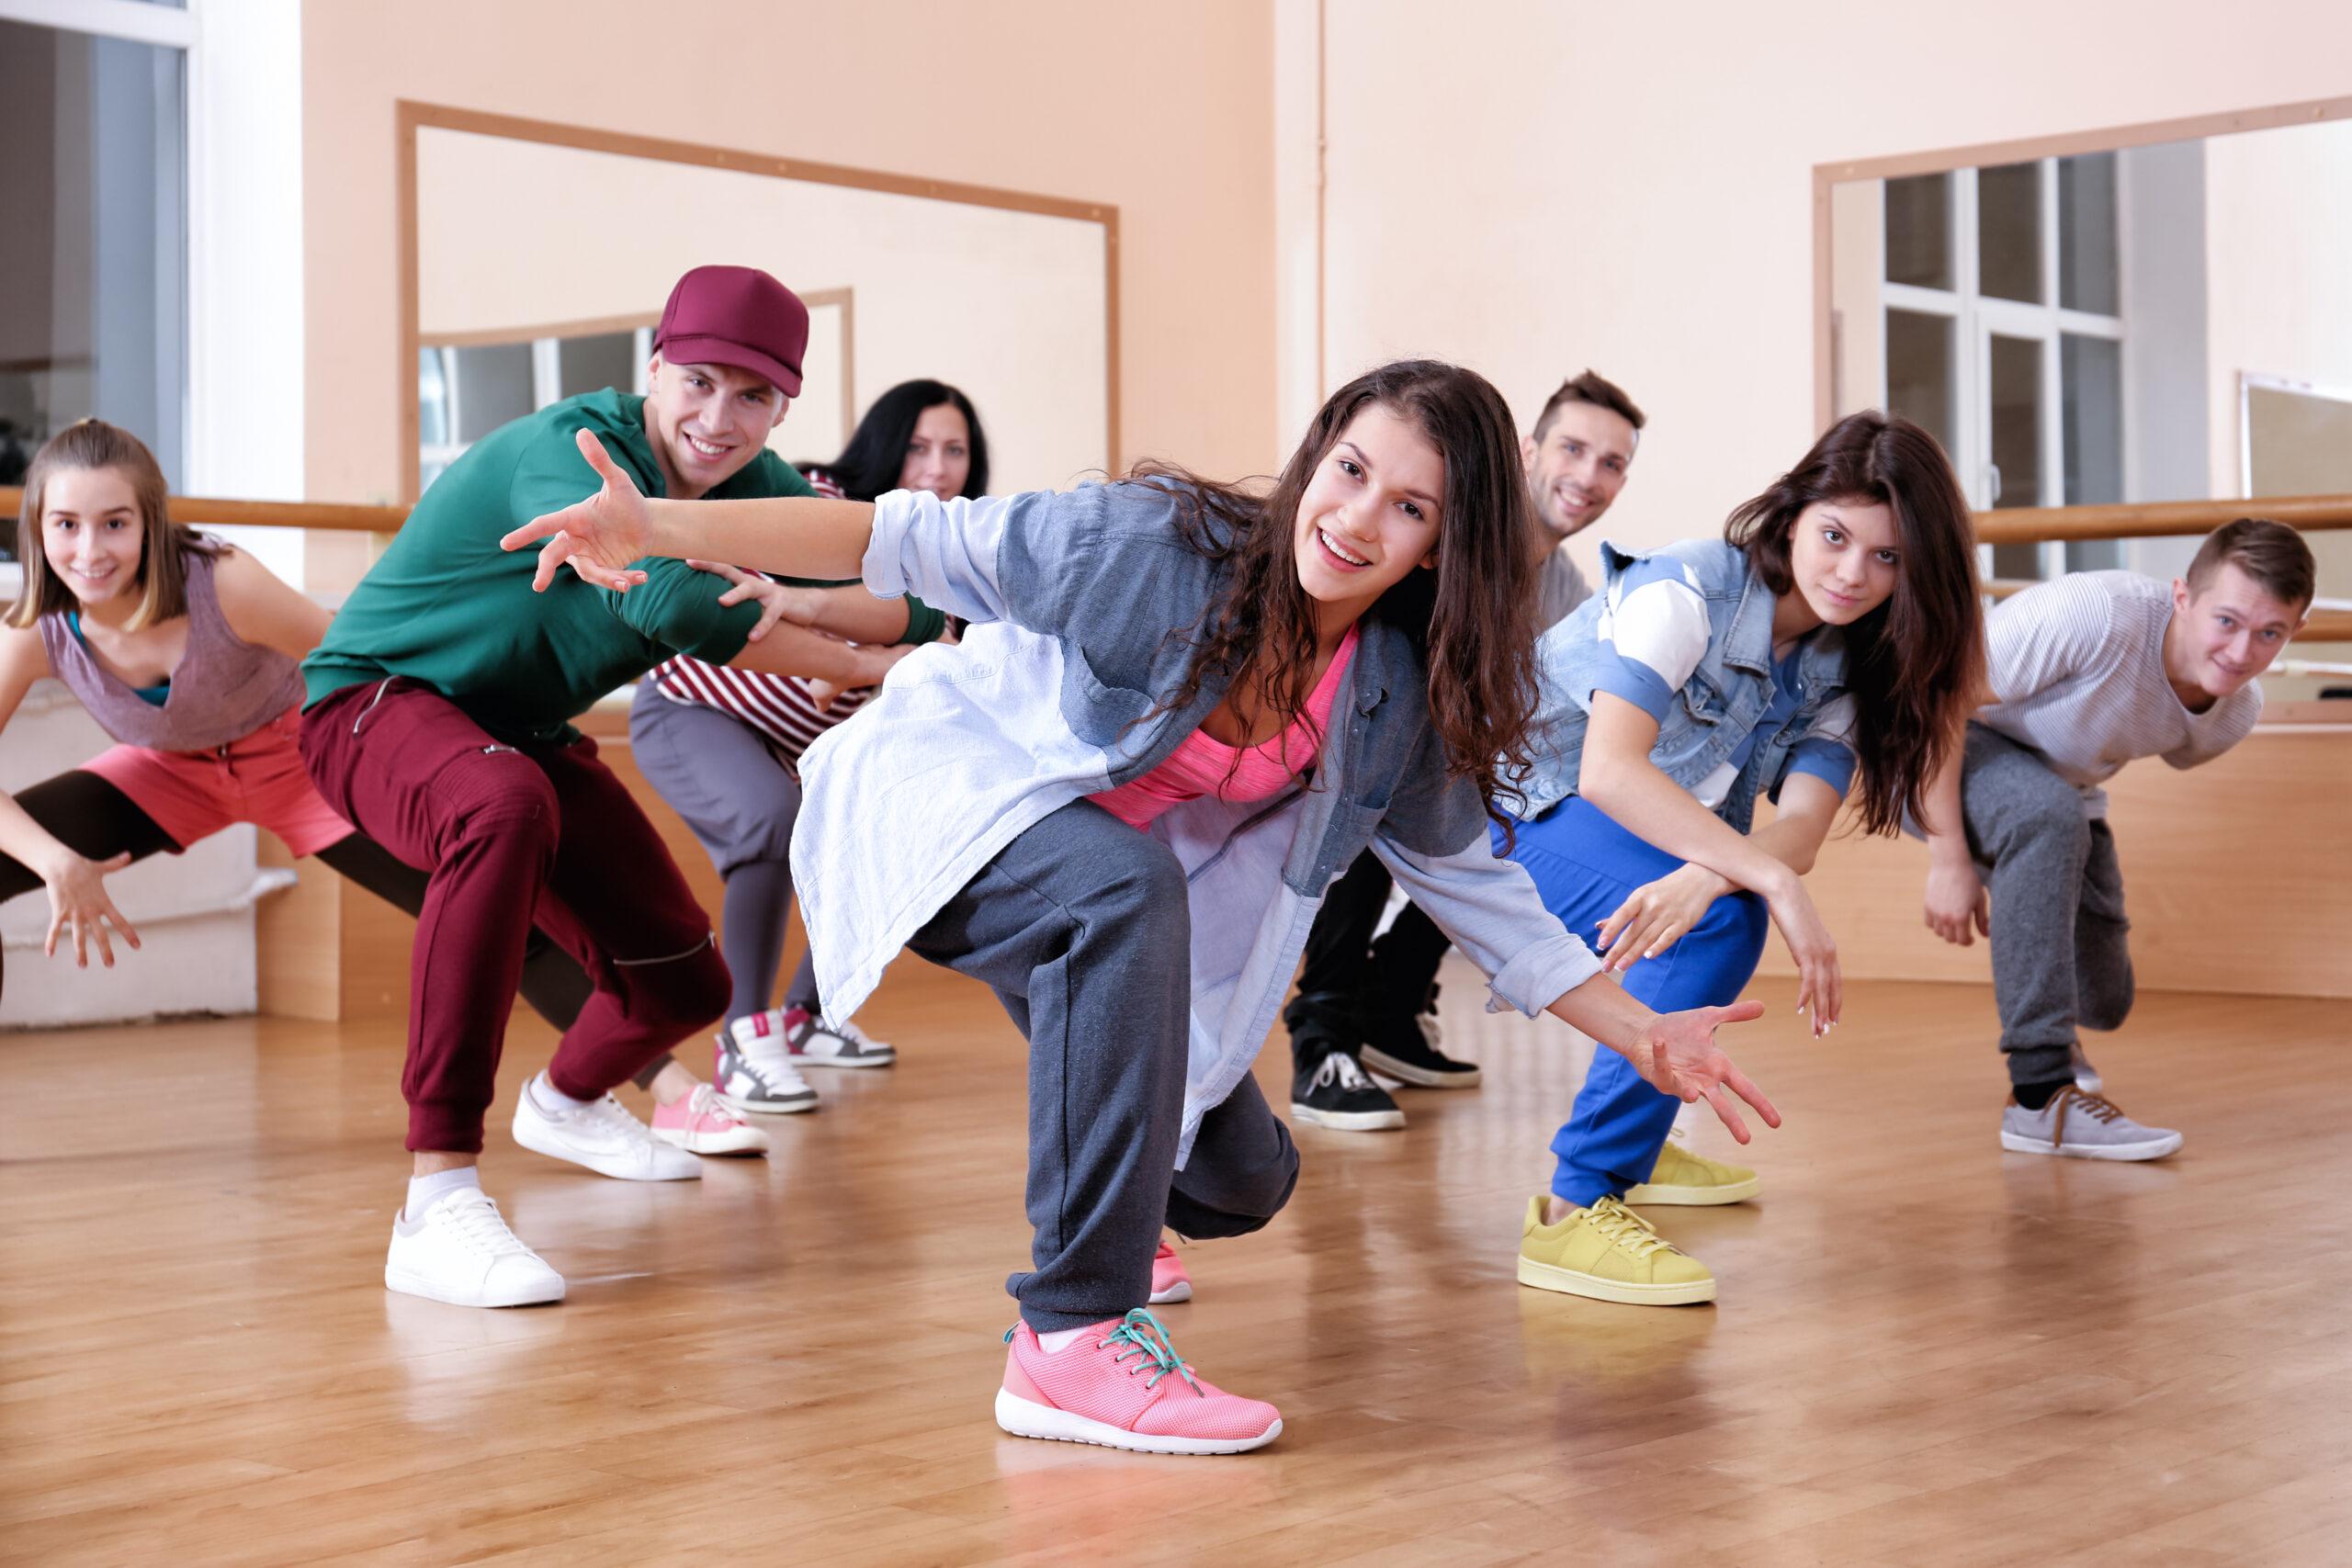 Gruppe junger Menschen beim HipHop tanzen.